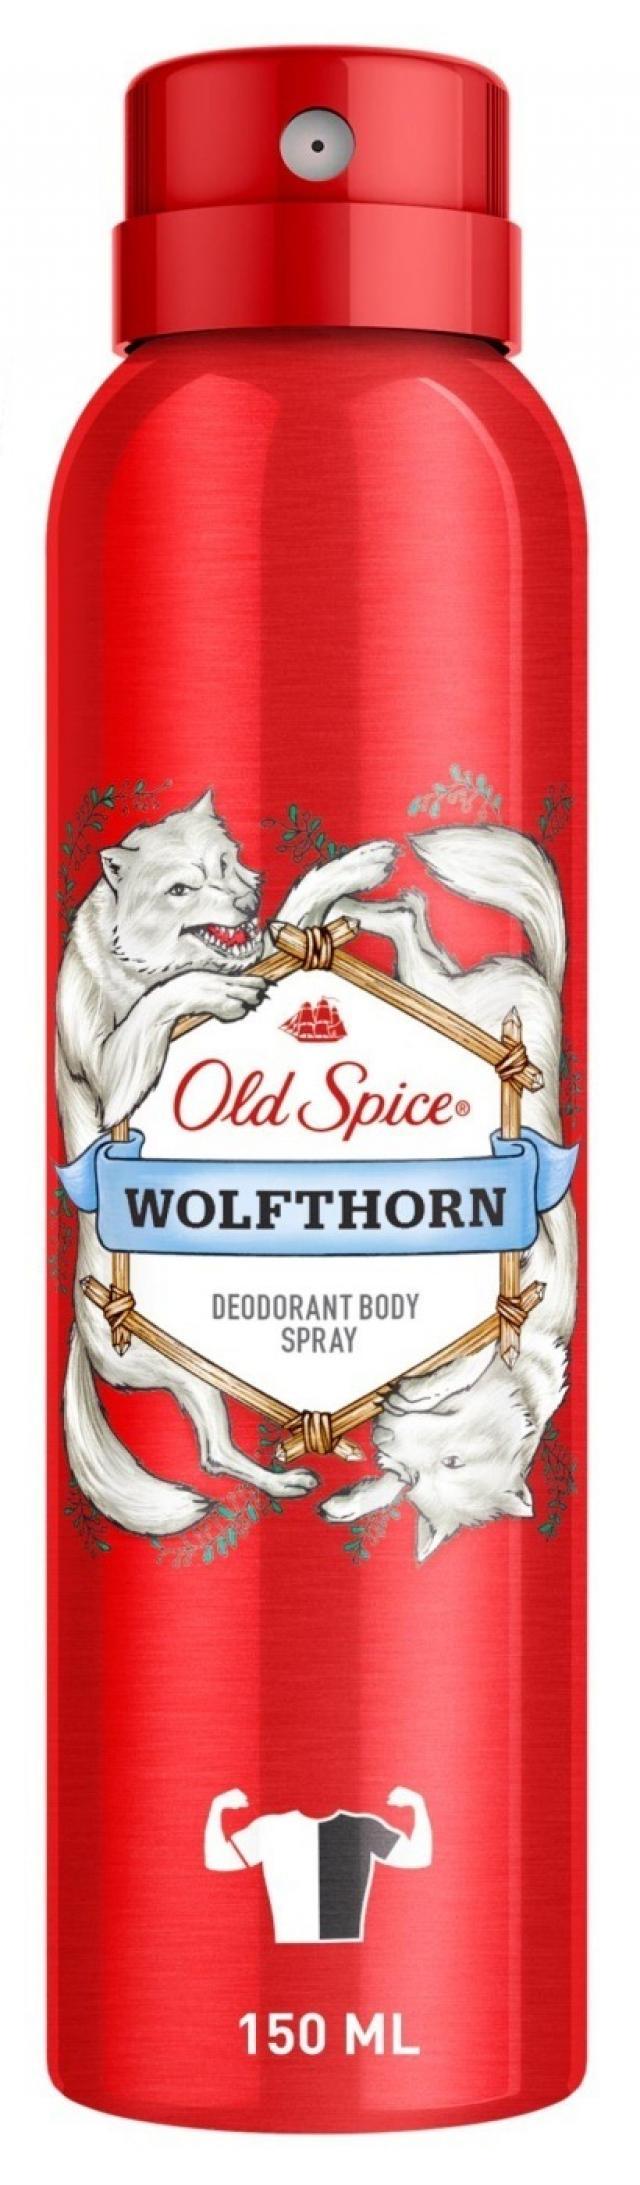 Олд Спайс дезодорант-спрей Волфторн 125мл купить в Москве по цене от 0 рублей